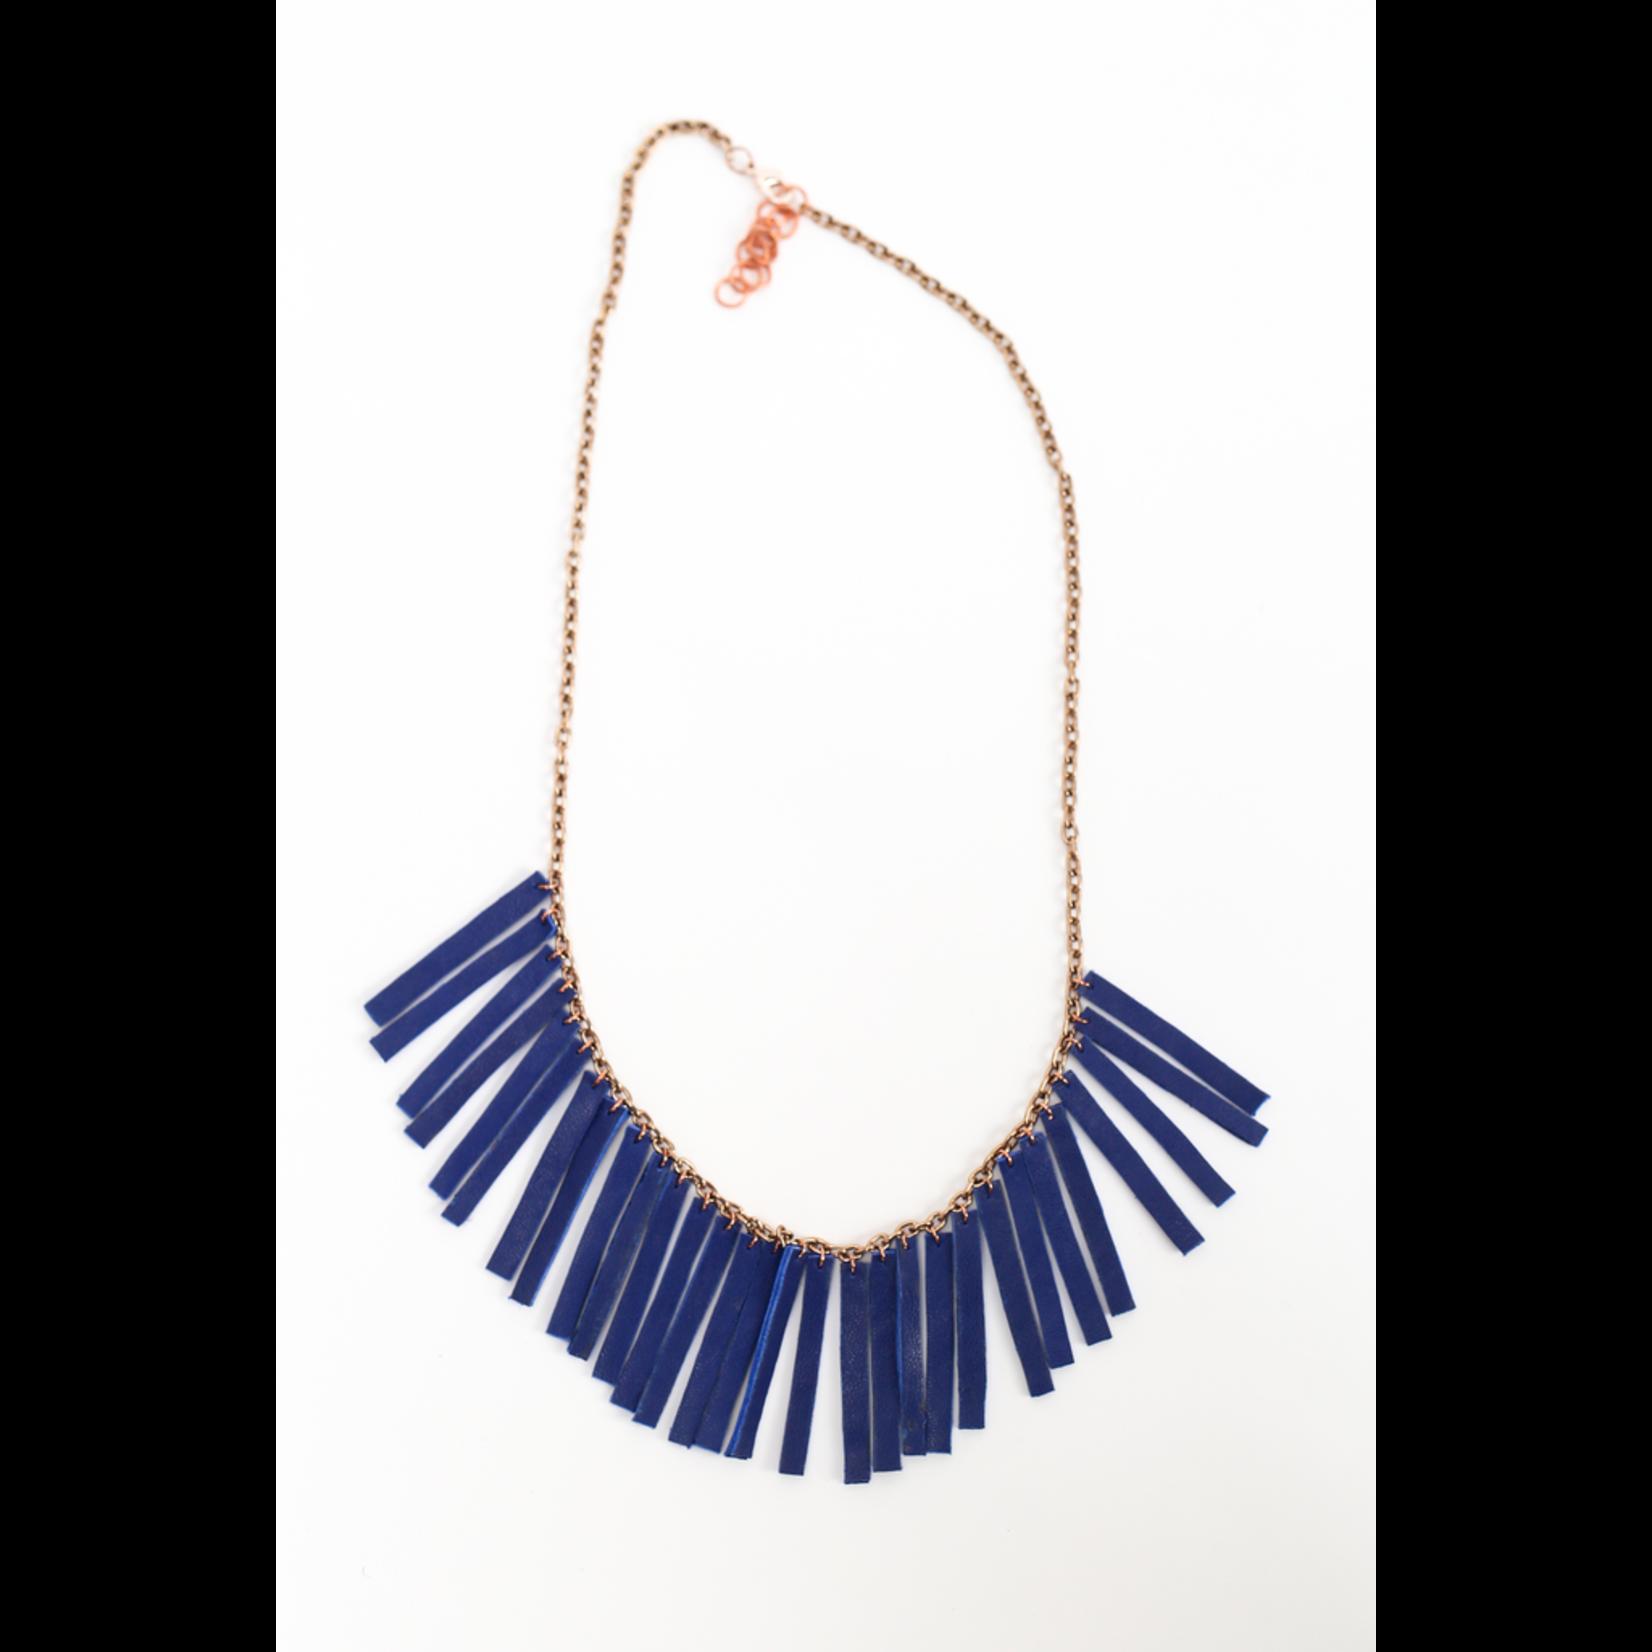 Flocktails Flocktails Donna Necklace - Royal Blue